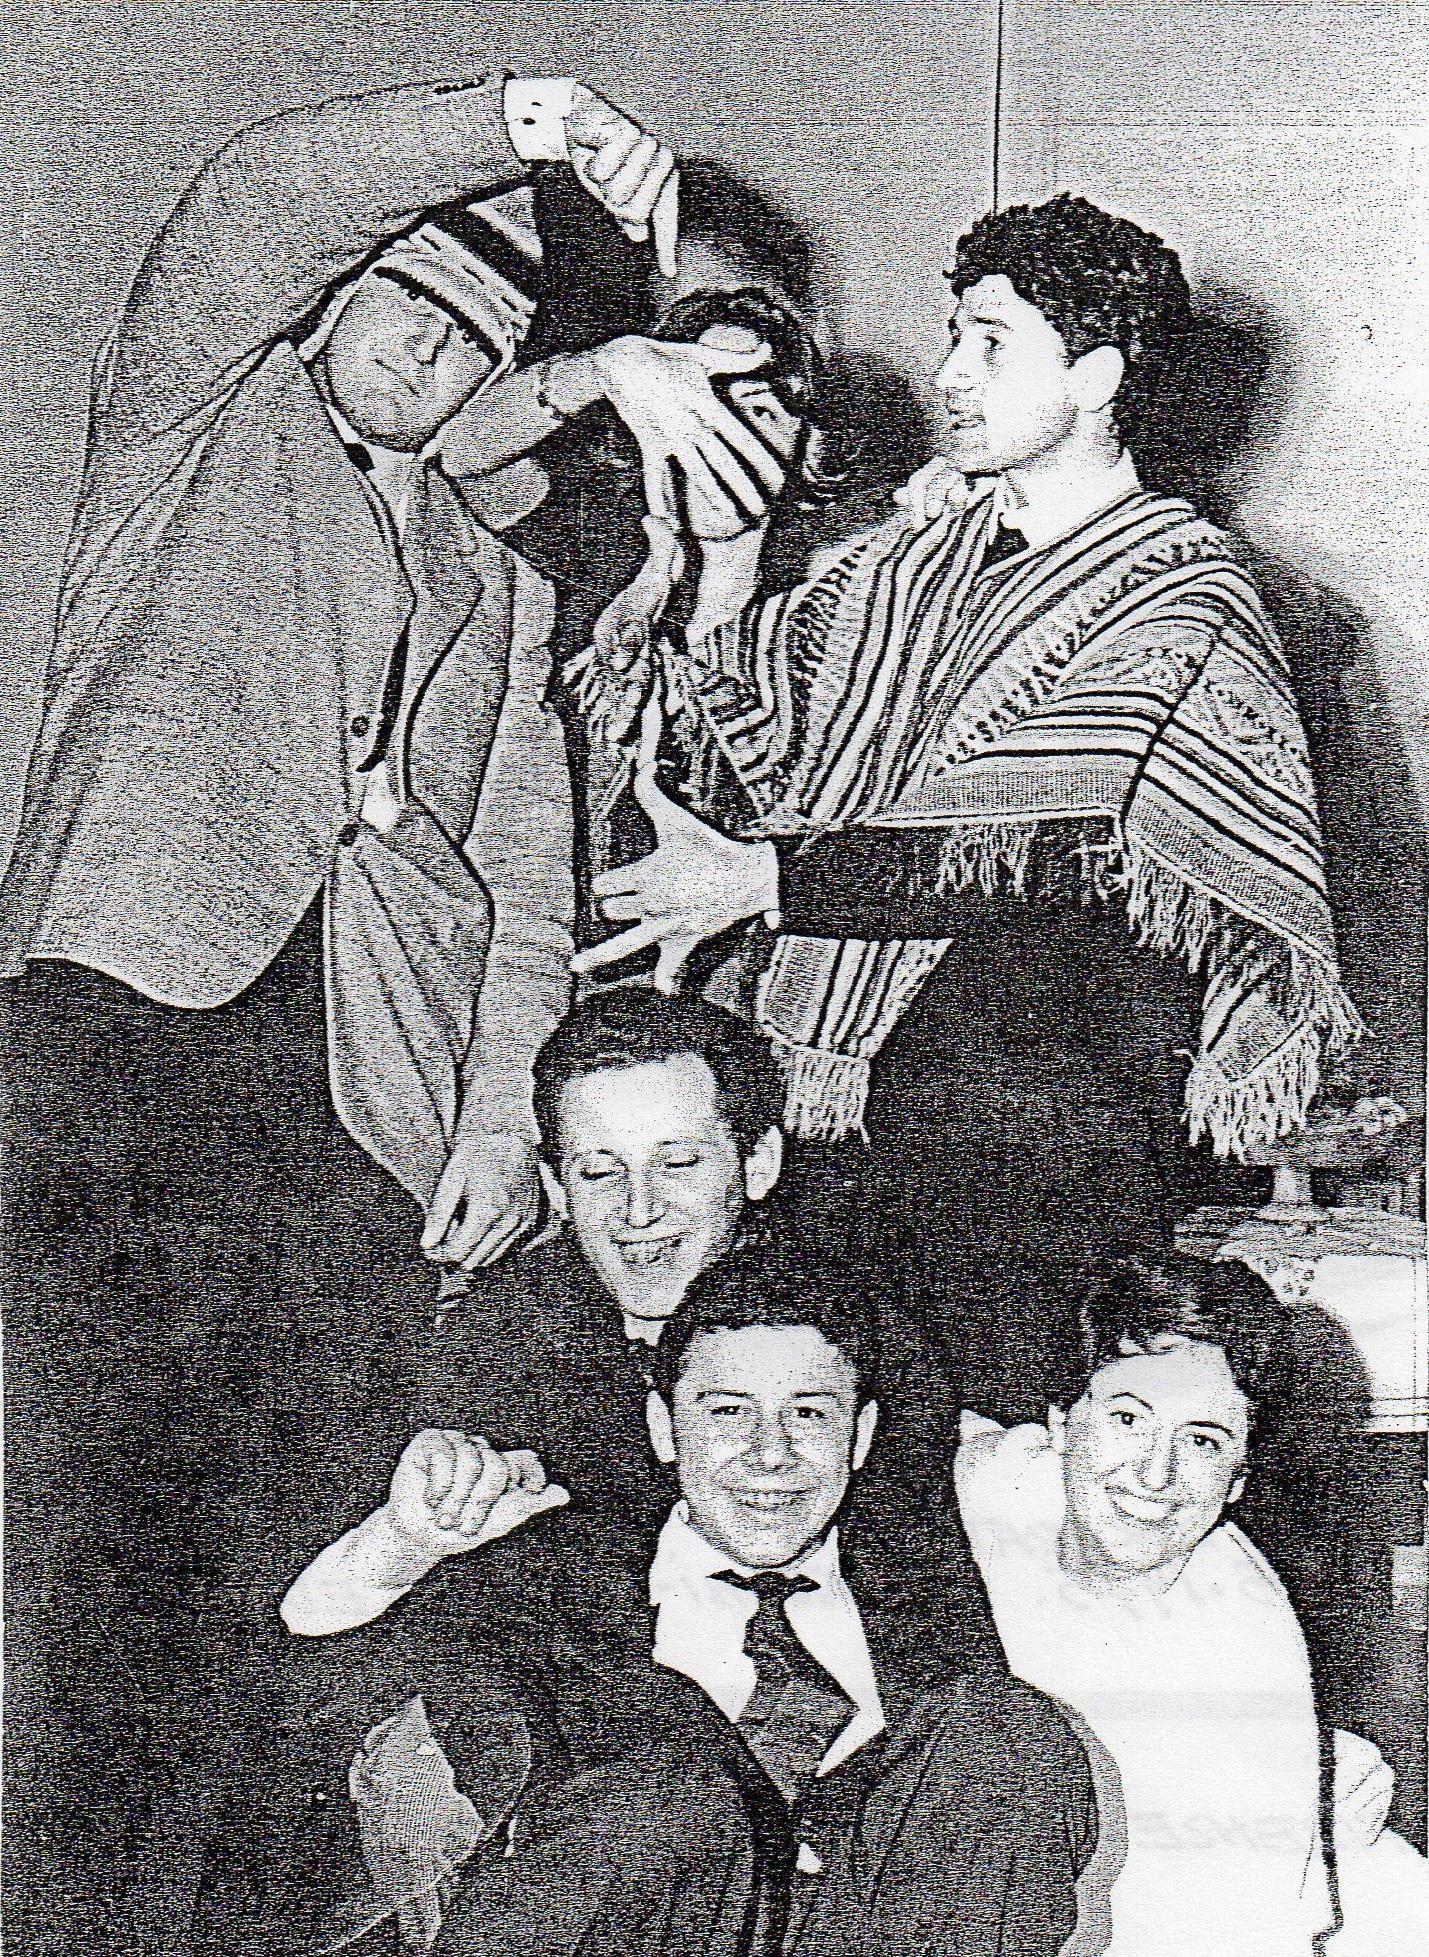 Rosanna Bianchi con Nanni Valentini, Pino Spagnulo, Marino Baitello con amici, Milano 1957/58